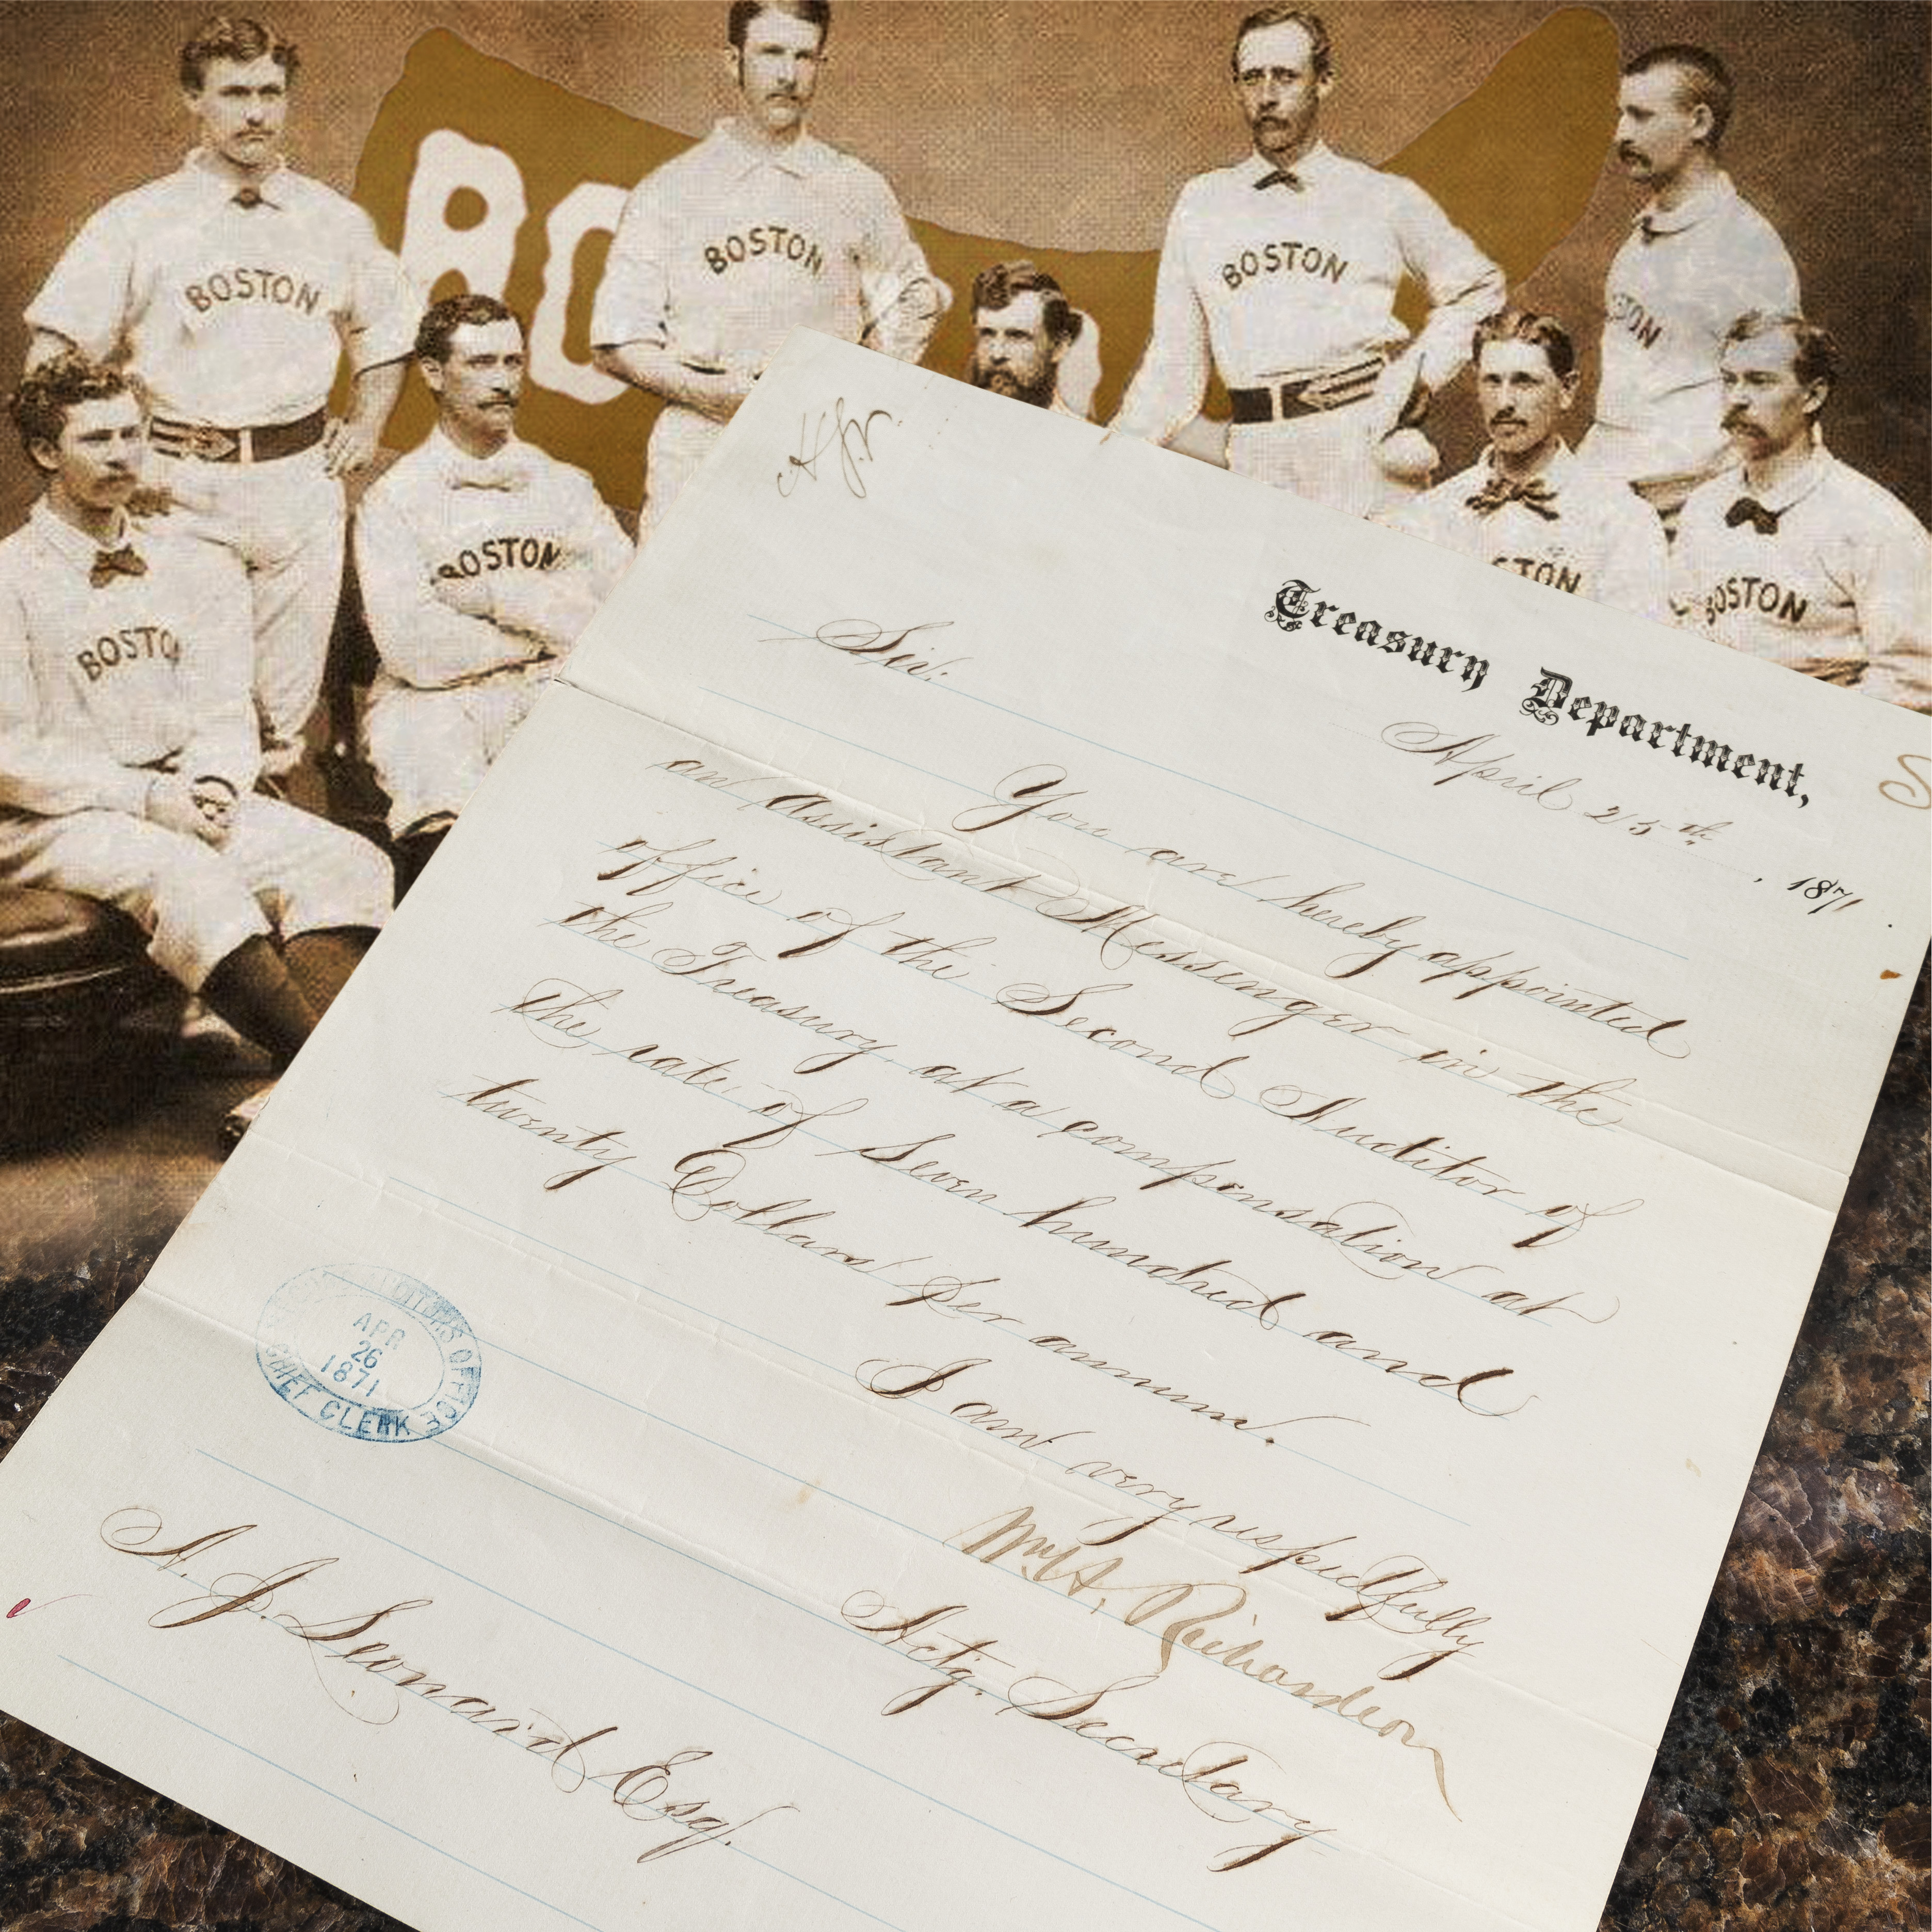 Leonard A Team letter